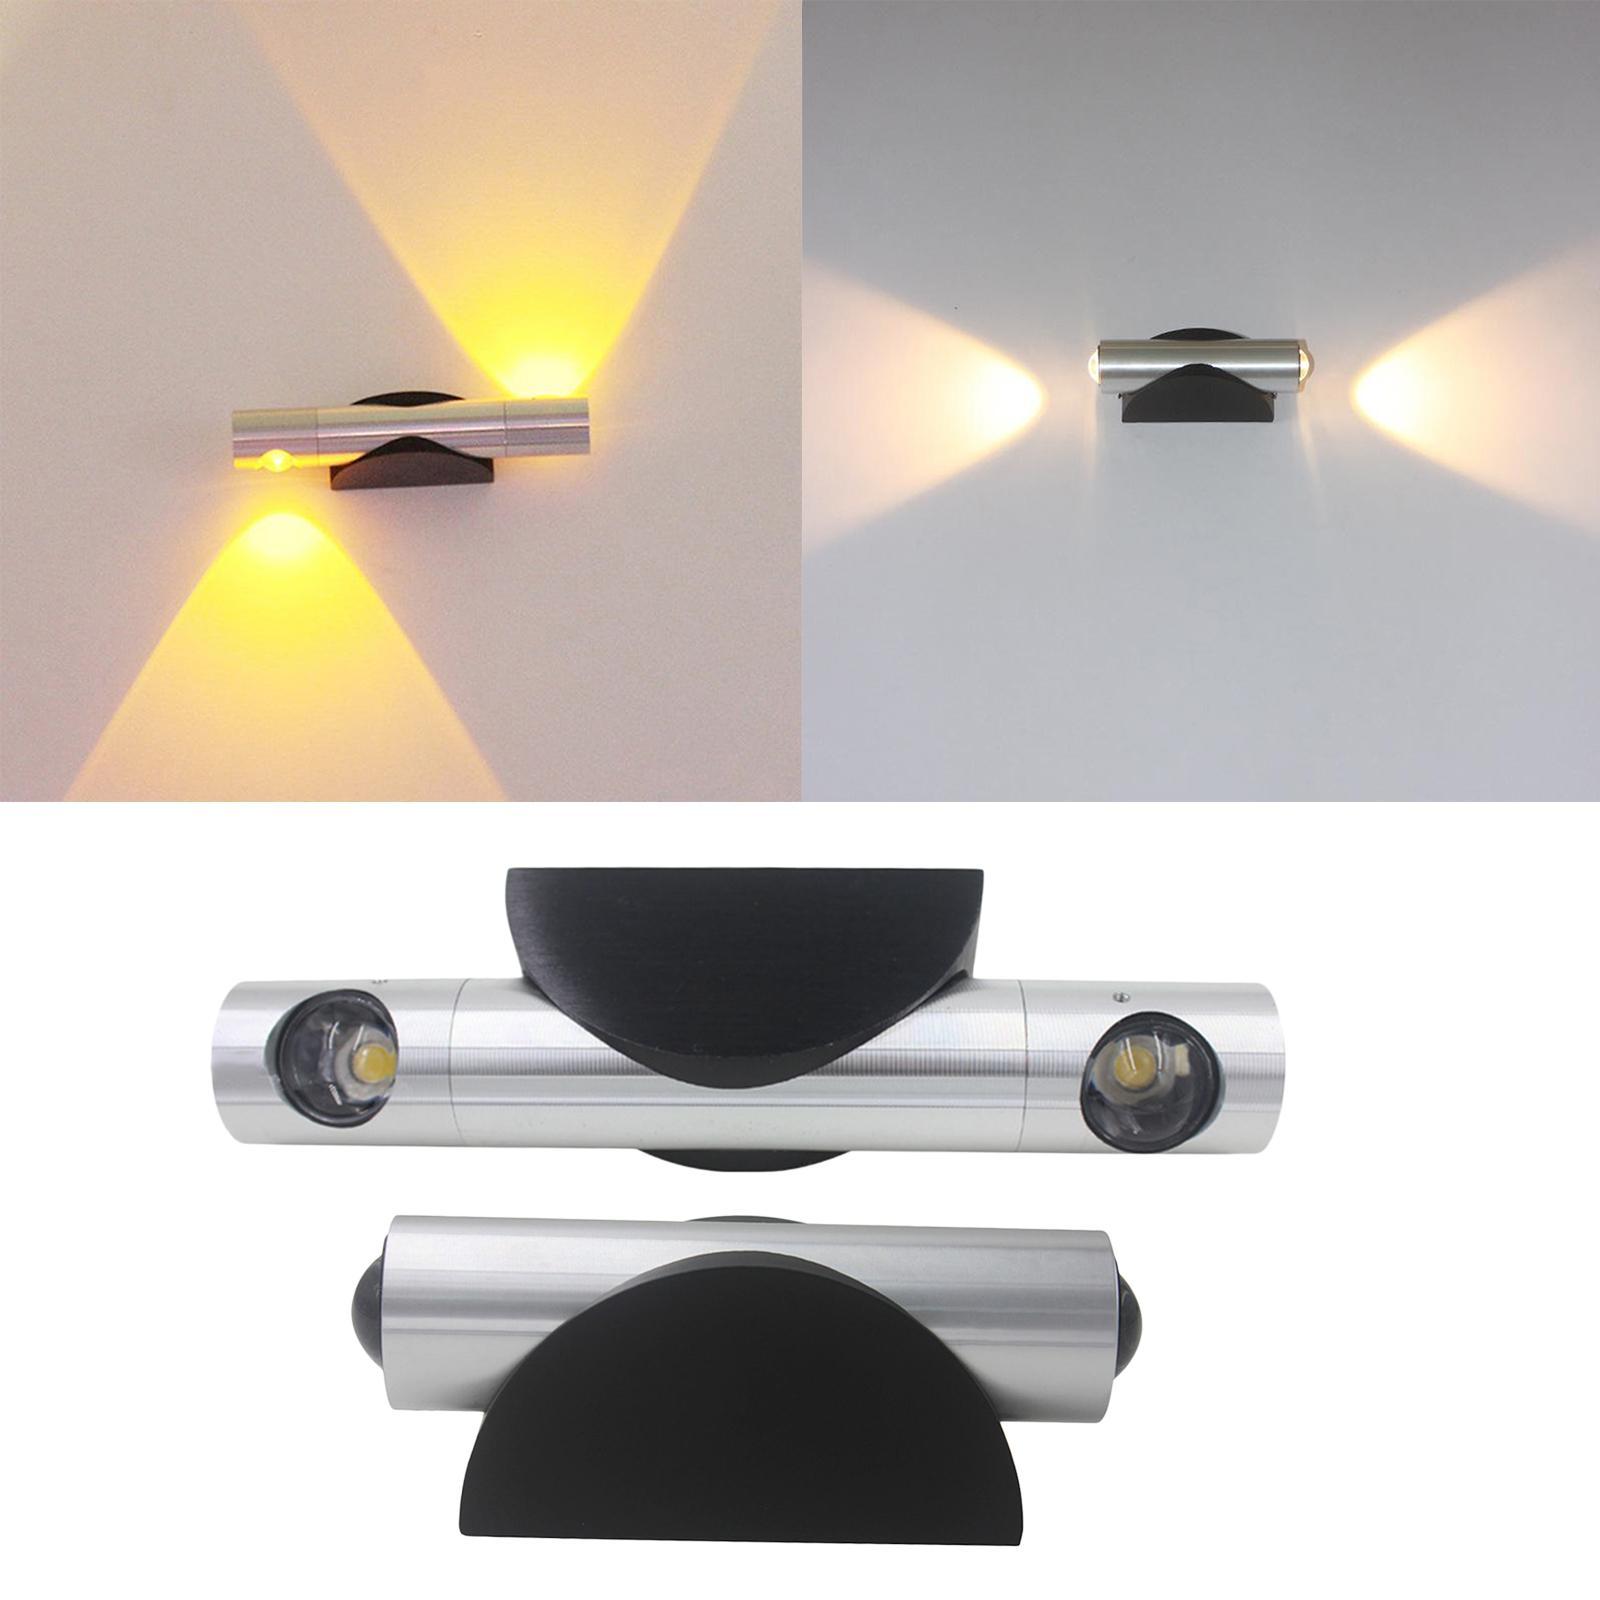 LED Wandleuchte Up Down Wandleuchte Beleuchtung Home Fixture Light